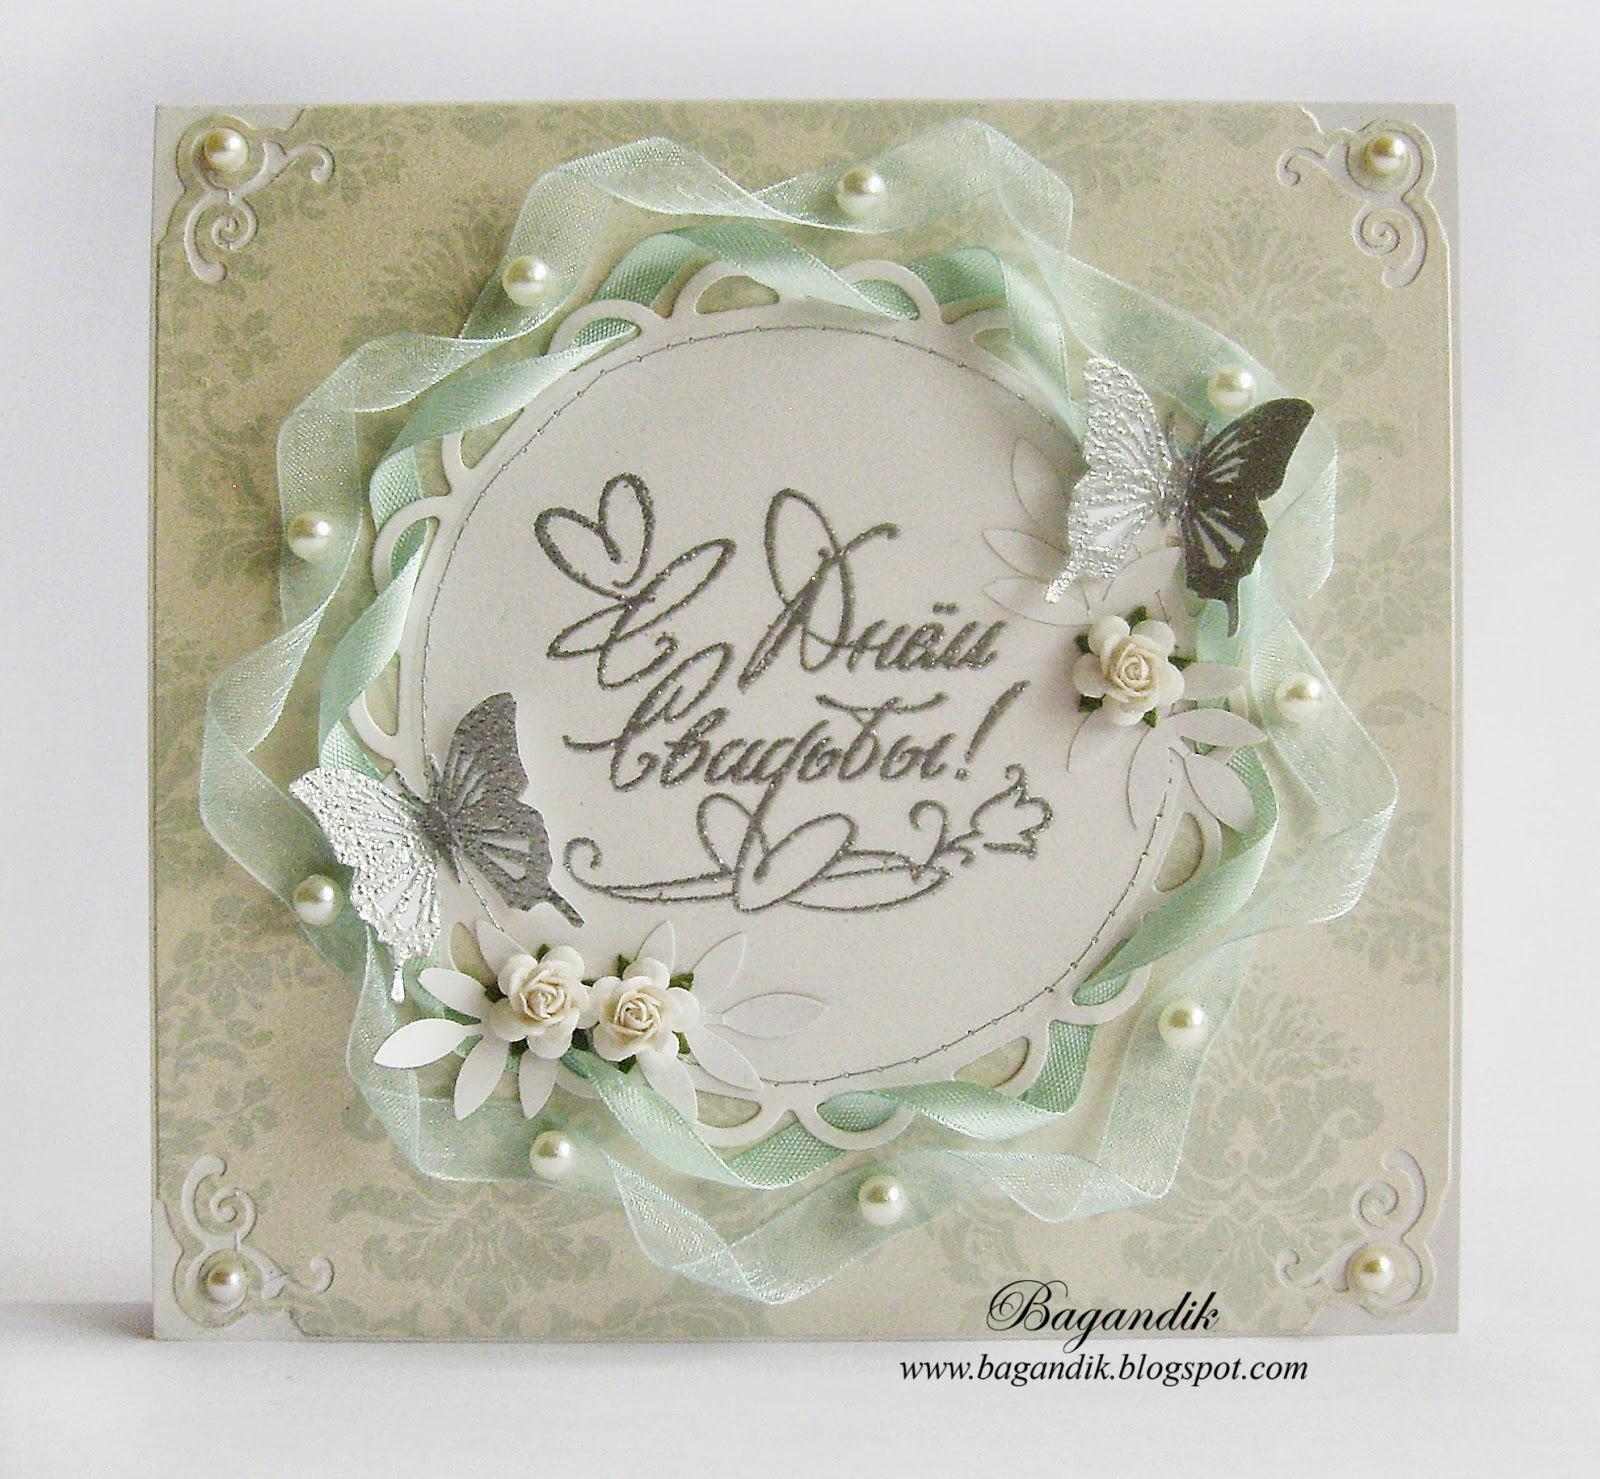 Сегодня покажу две свадебные открытки ...: bagandik.blogspot.com/2013/07/blog-post_8420.html